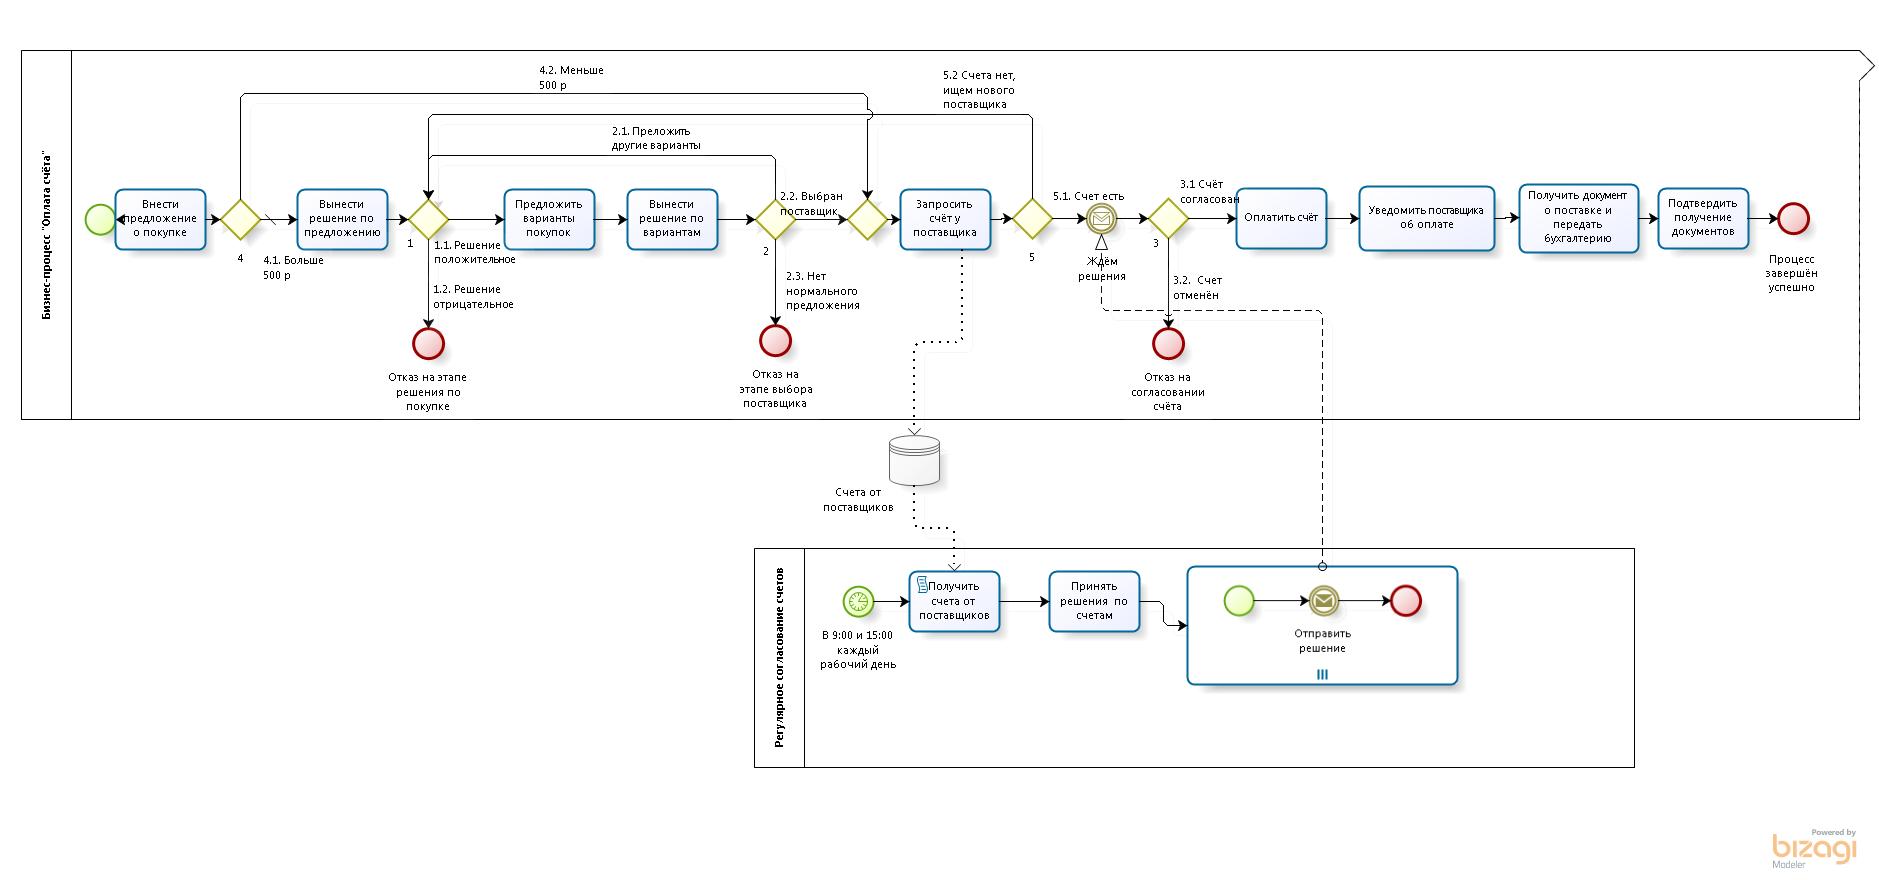 Пример бизнес-процесса в BPMN, который может быть автоматизирован в Camunda